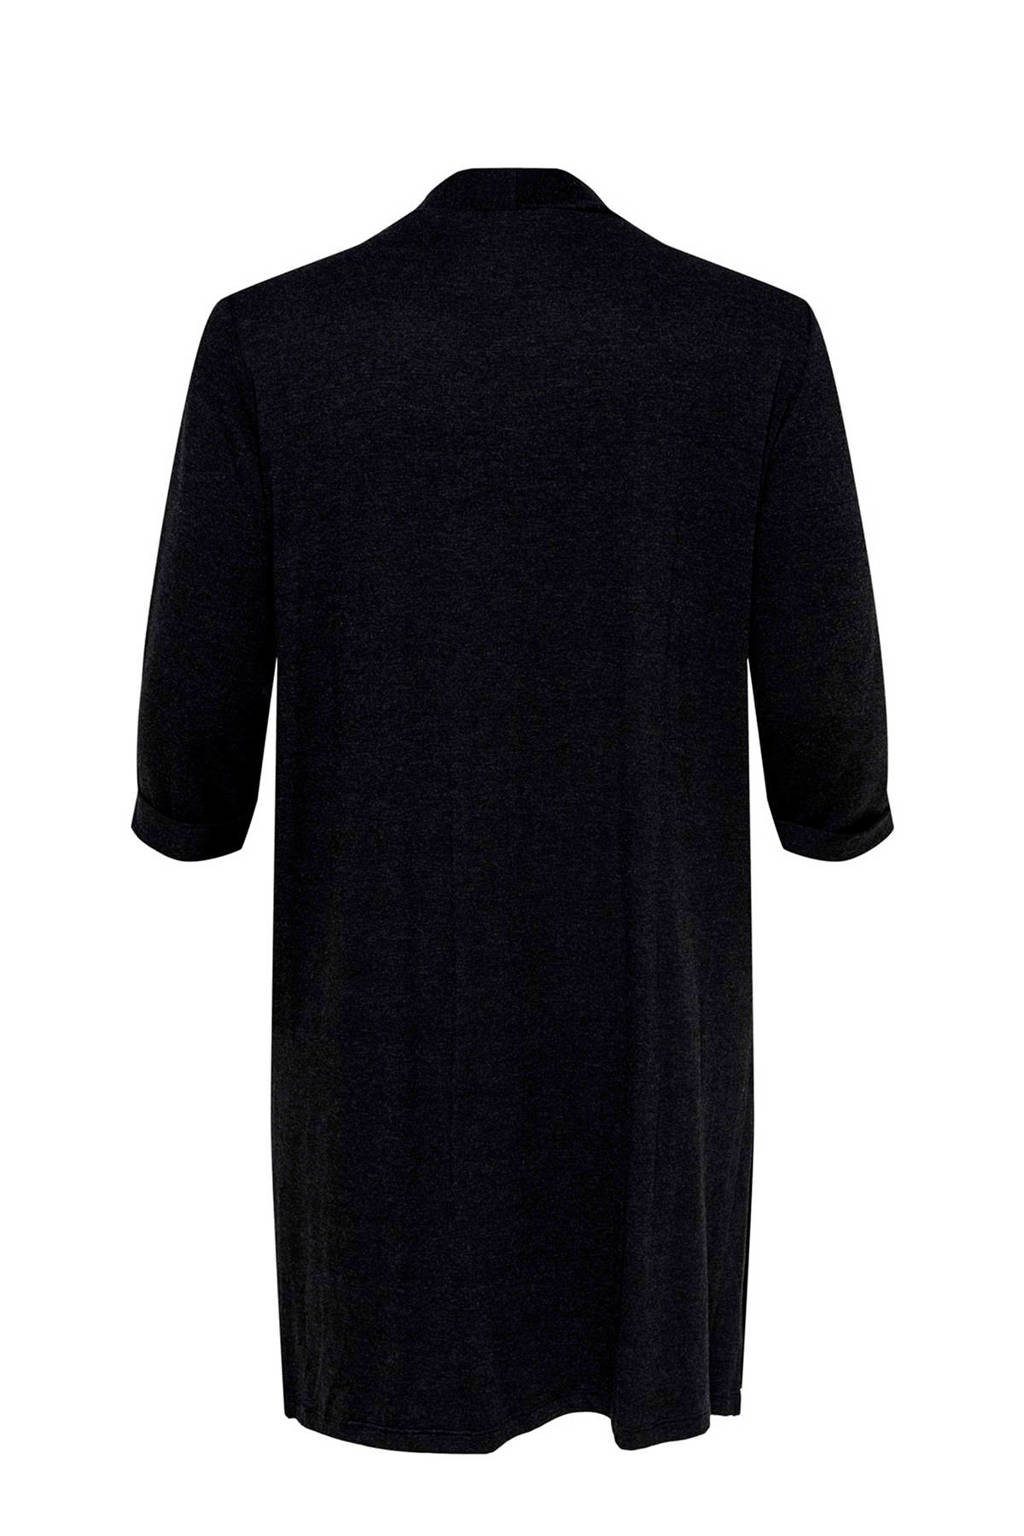 ONLY CARMAKOMA vest zwart, Zwart